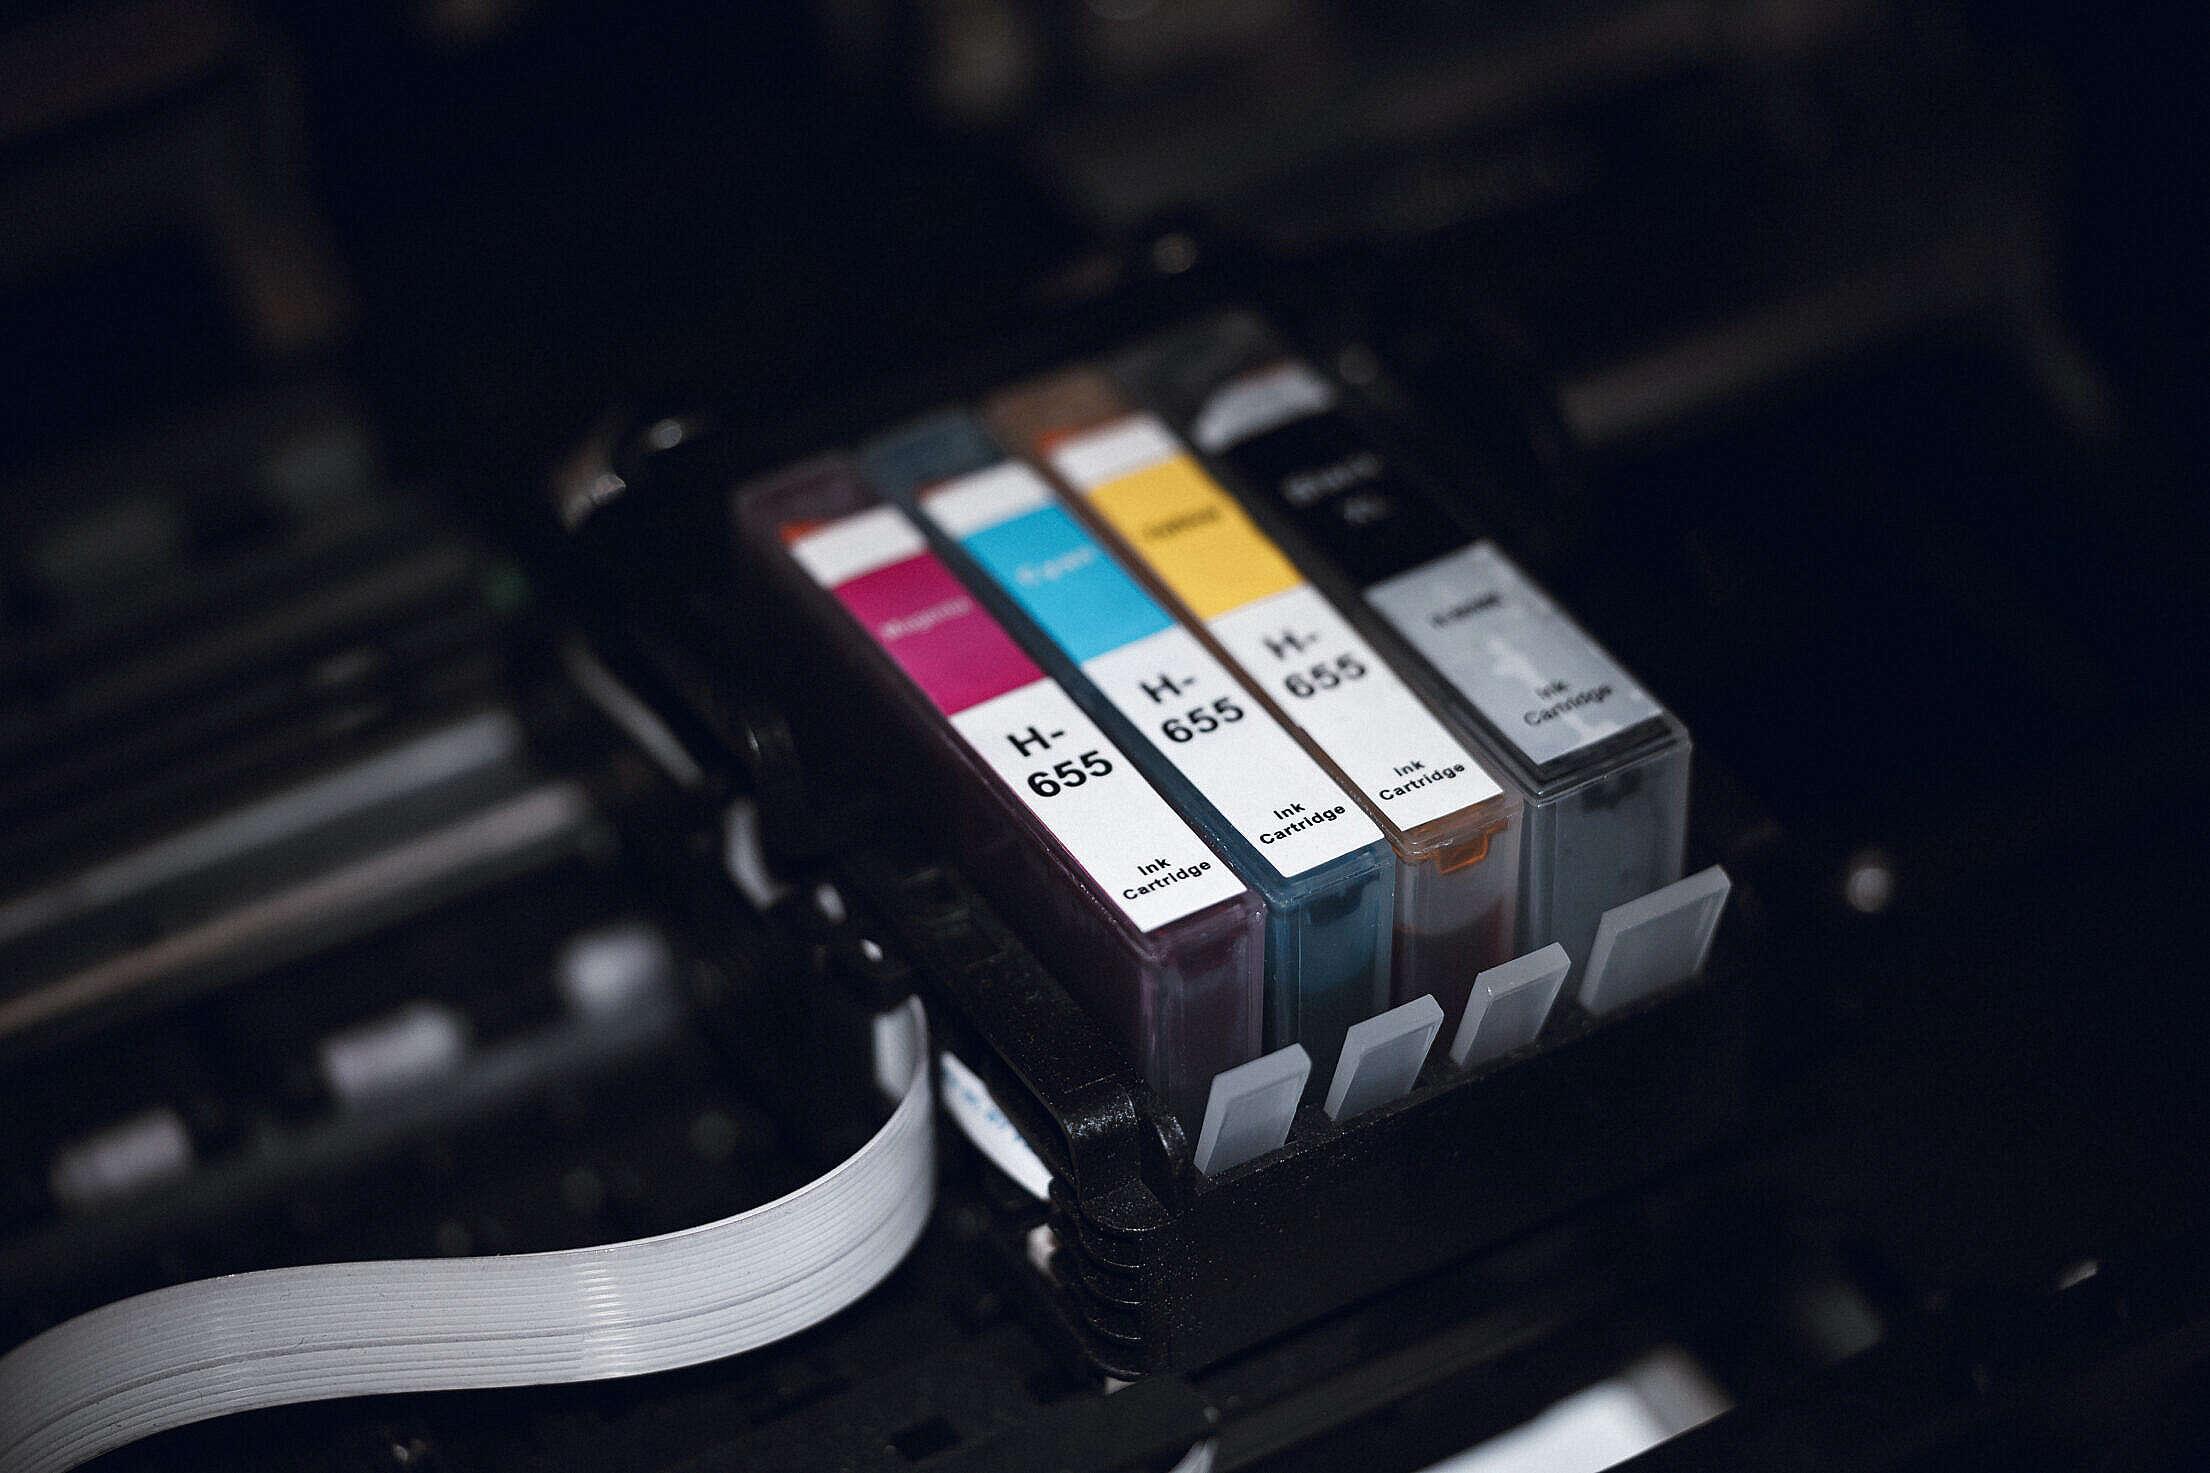 CMYK Printing Cartridges in Printer Free Stock Photo